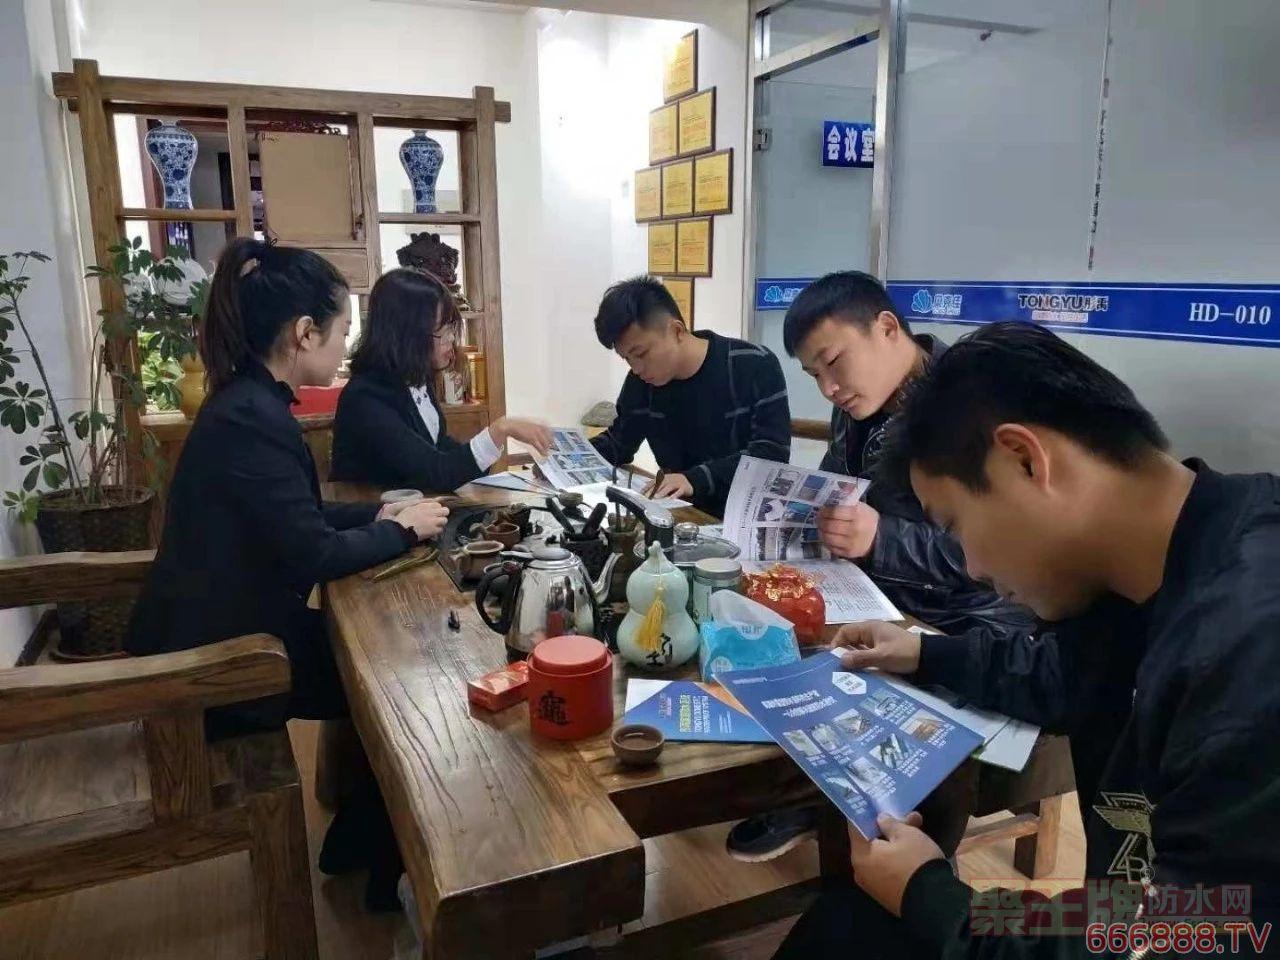 寰俊鍥剧墖_20181120111510.jpg